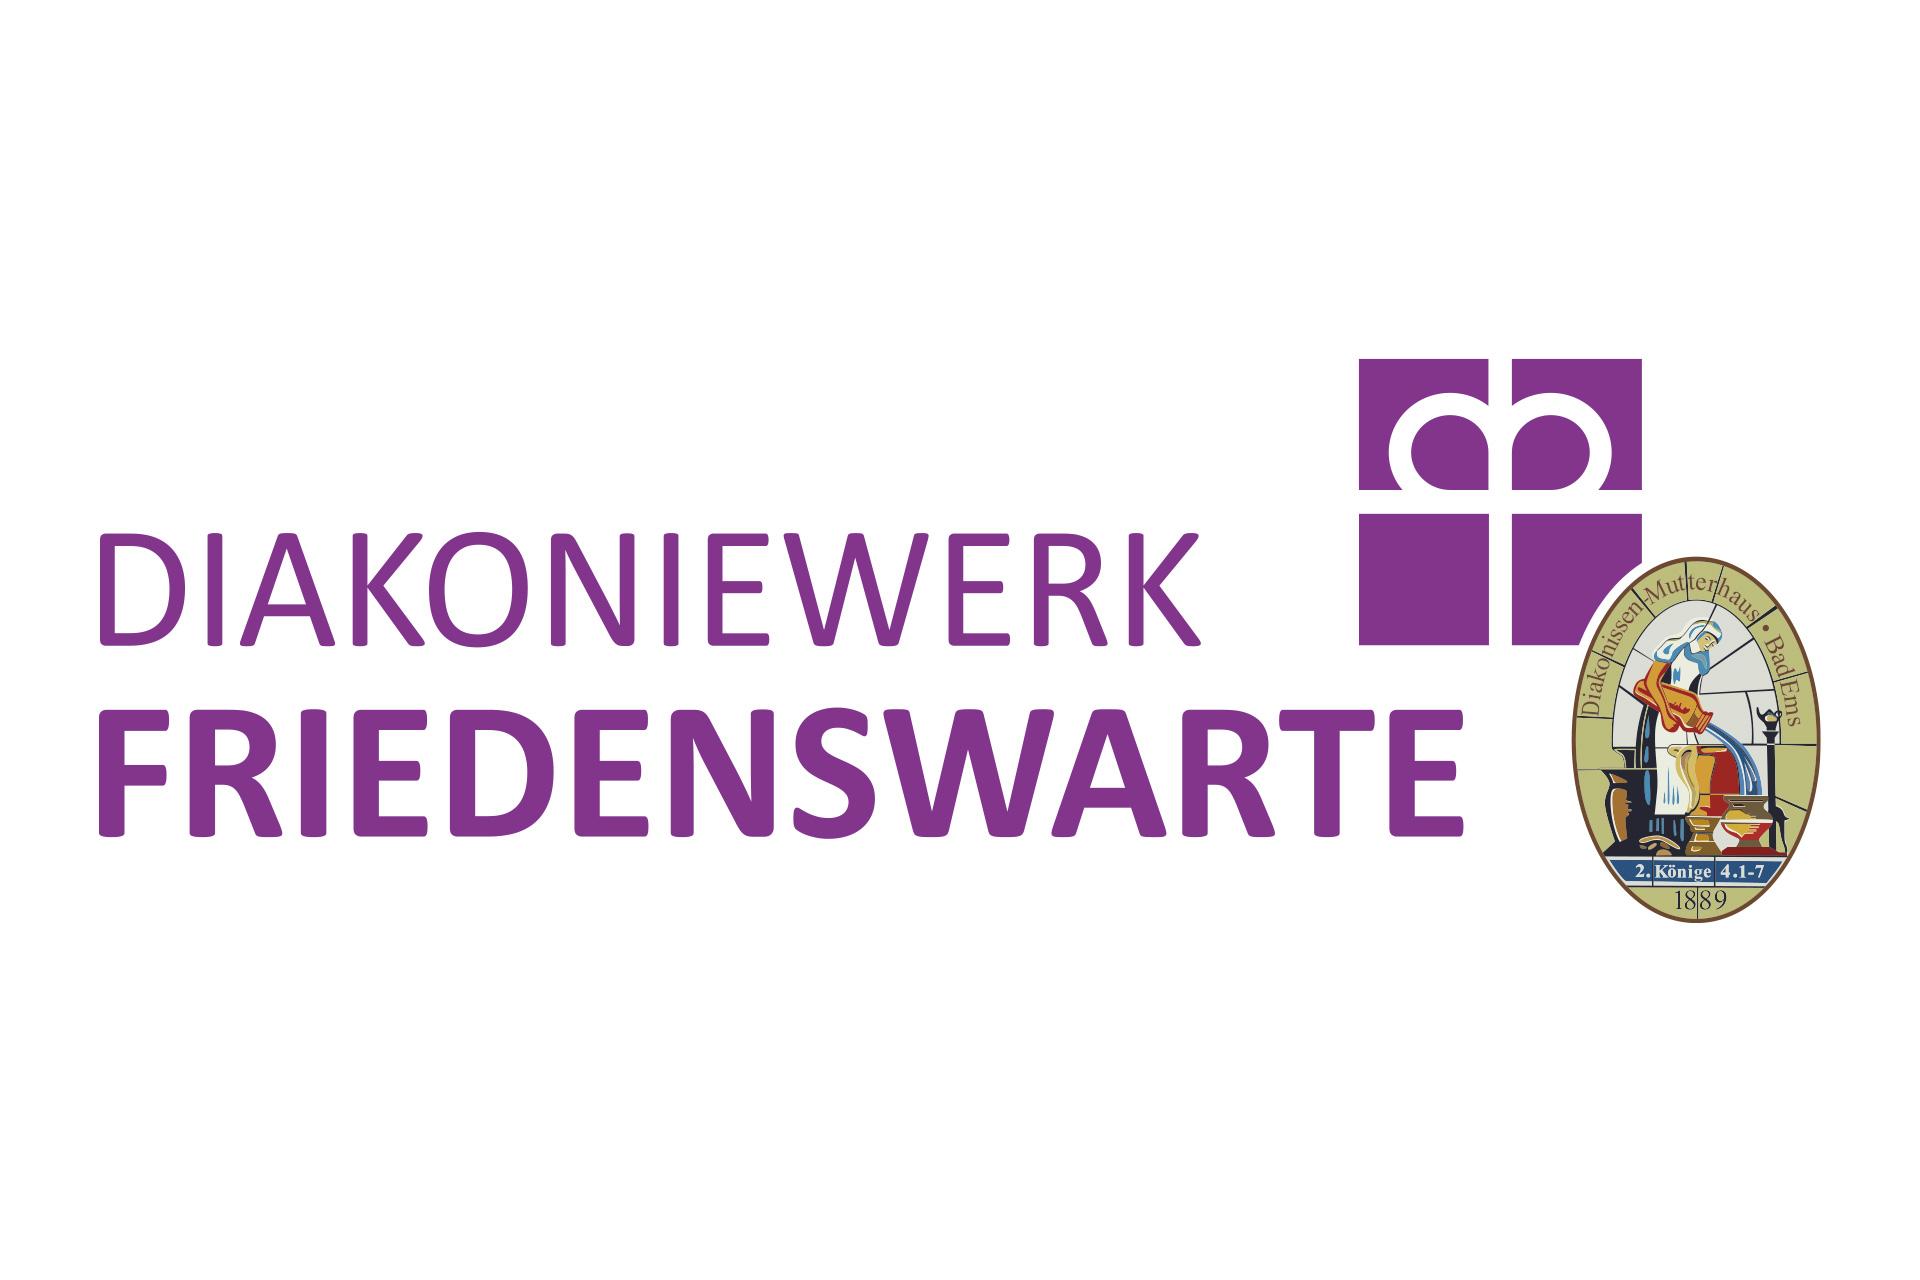 Projektpartner Stiftung Diakoniewerk Friedenswarte